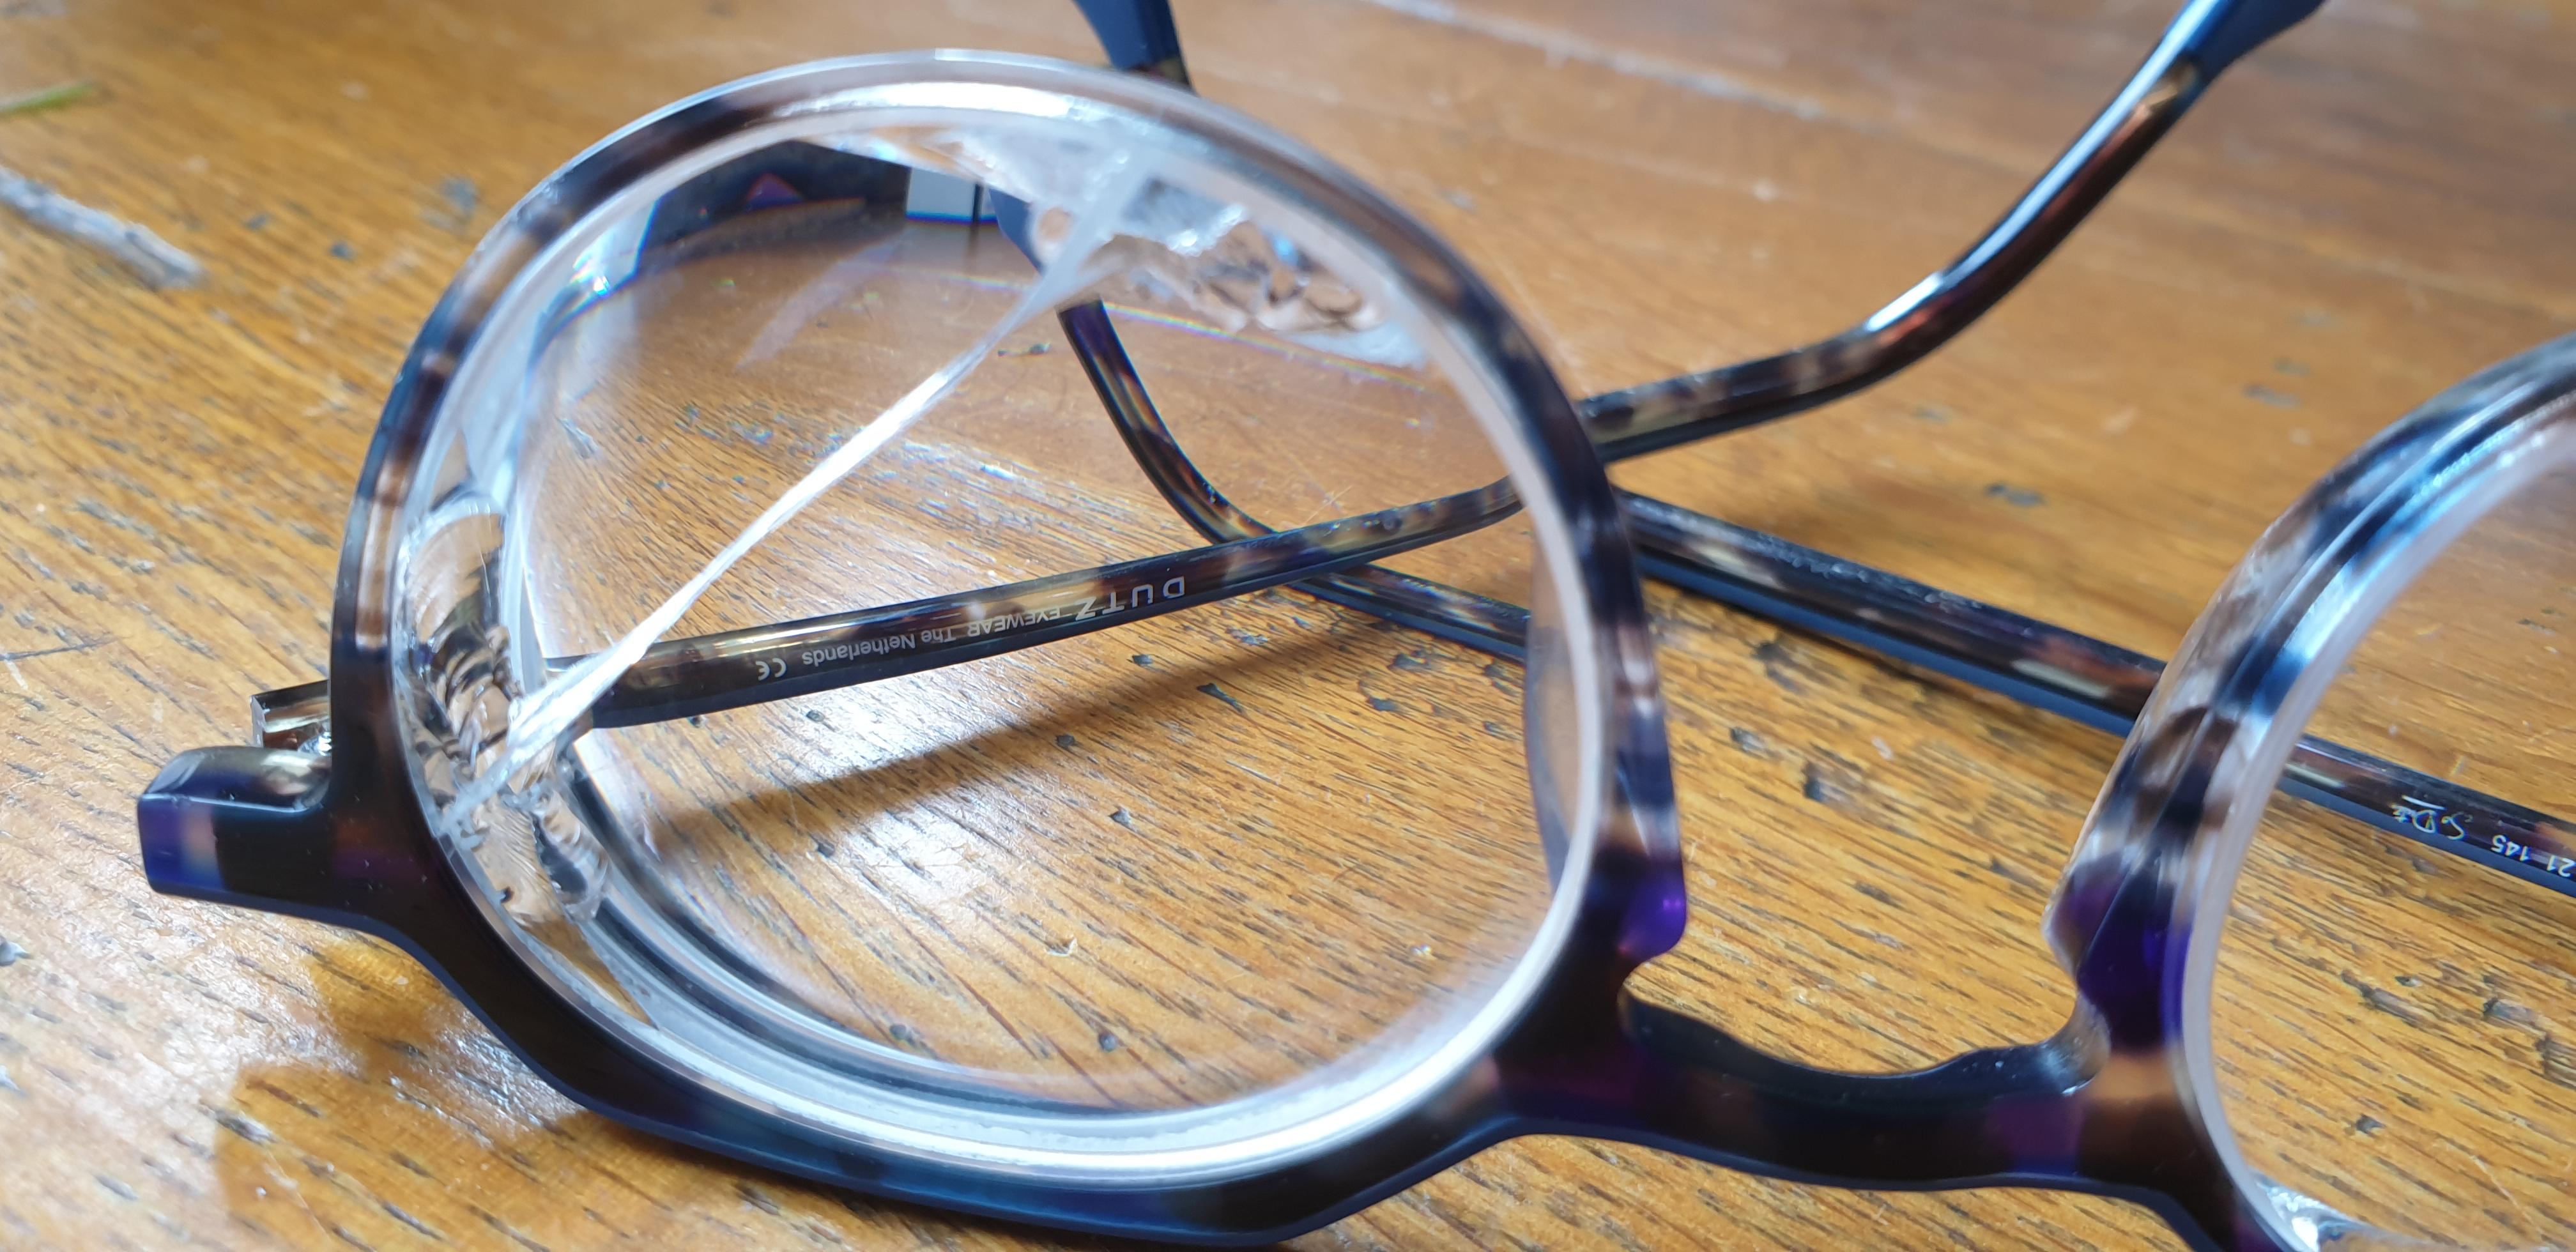 Een bril met kapotte brillenglazen.